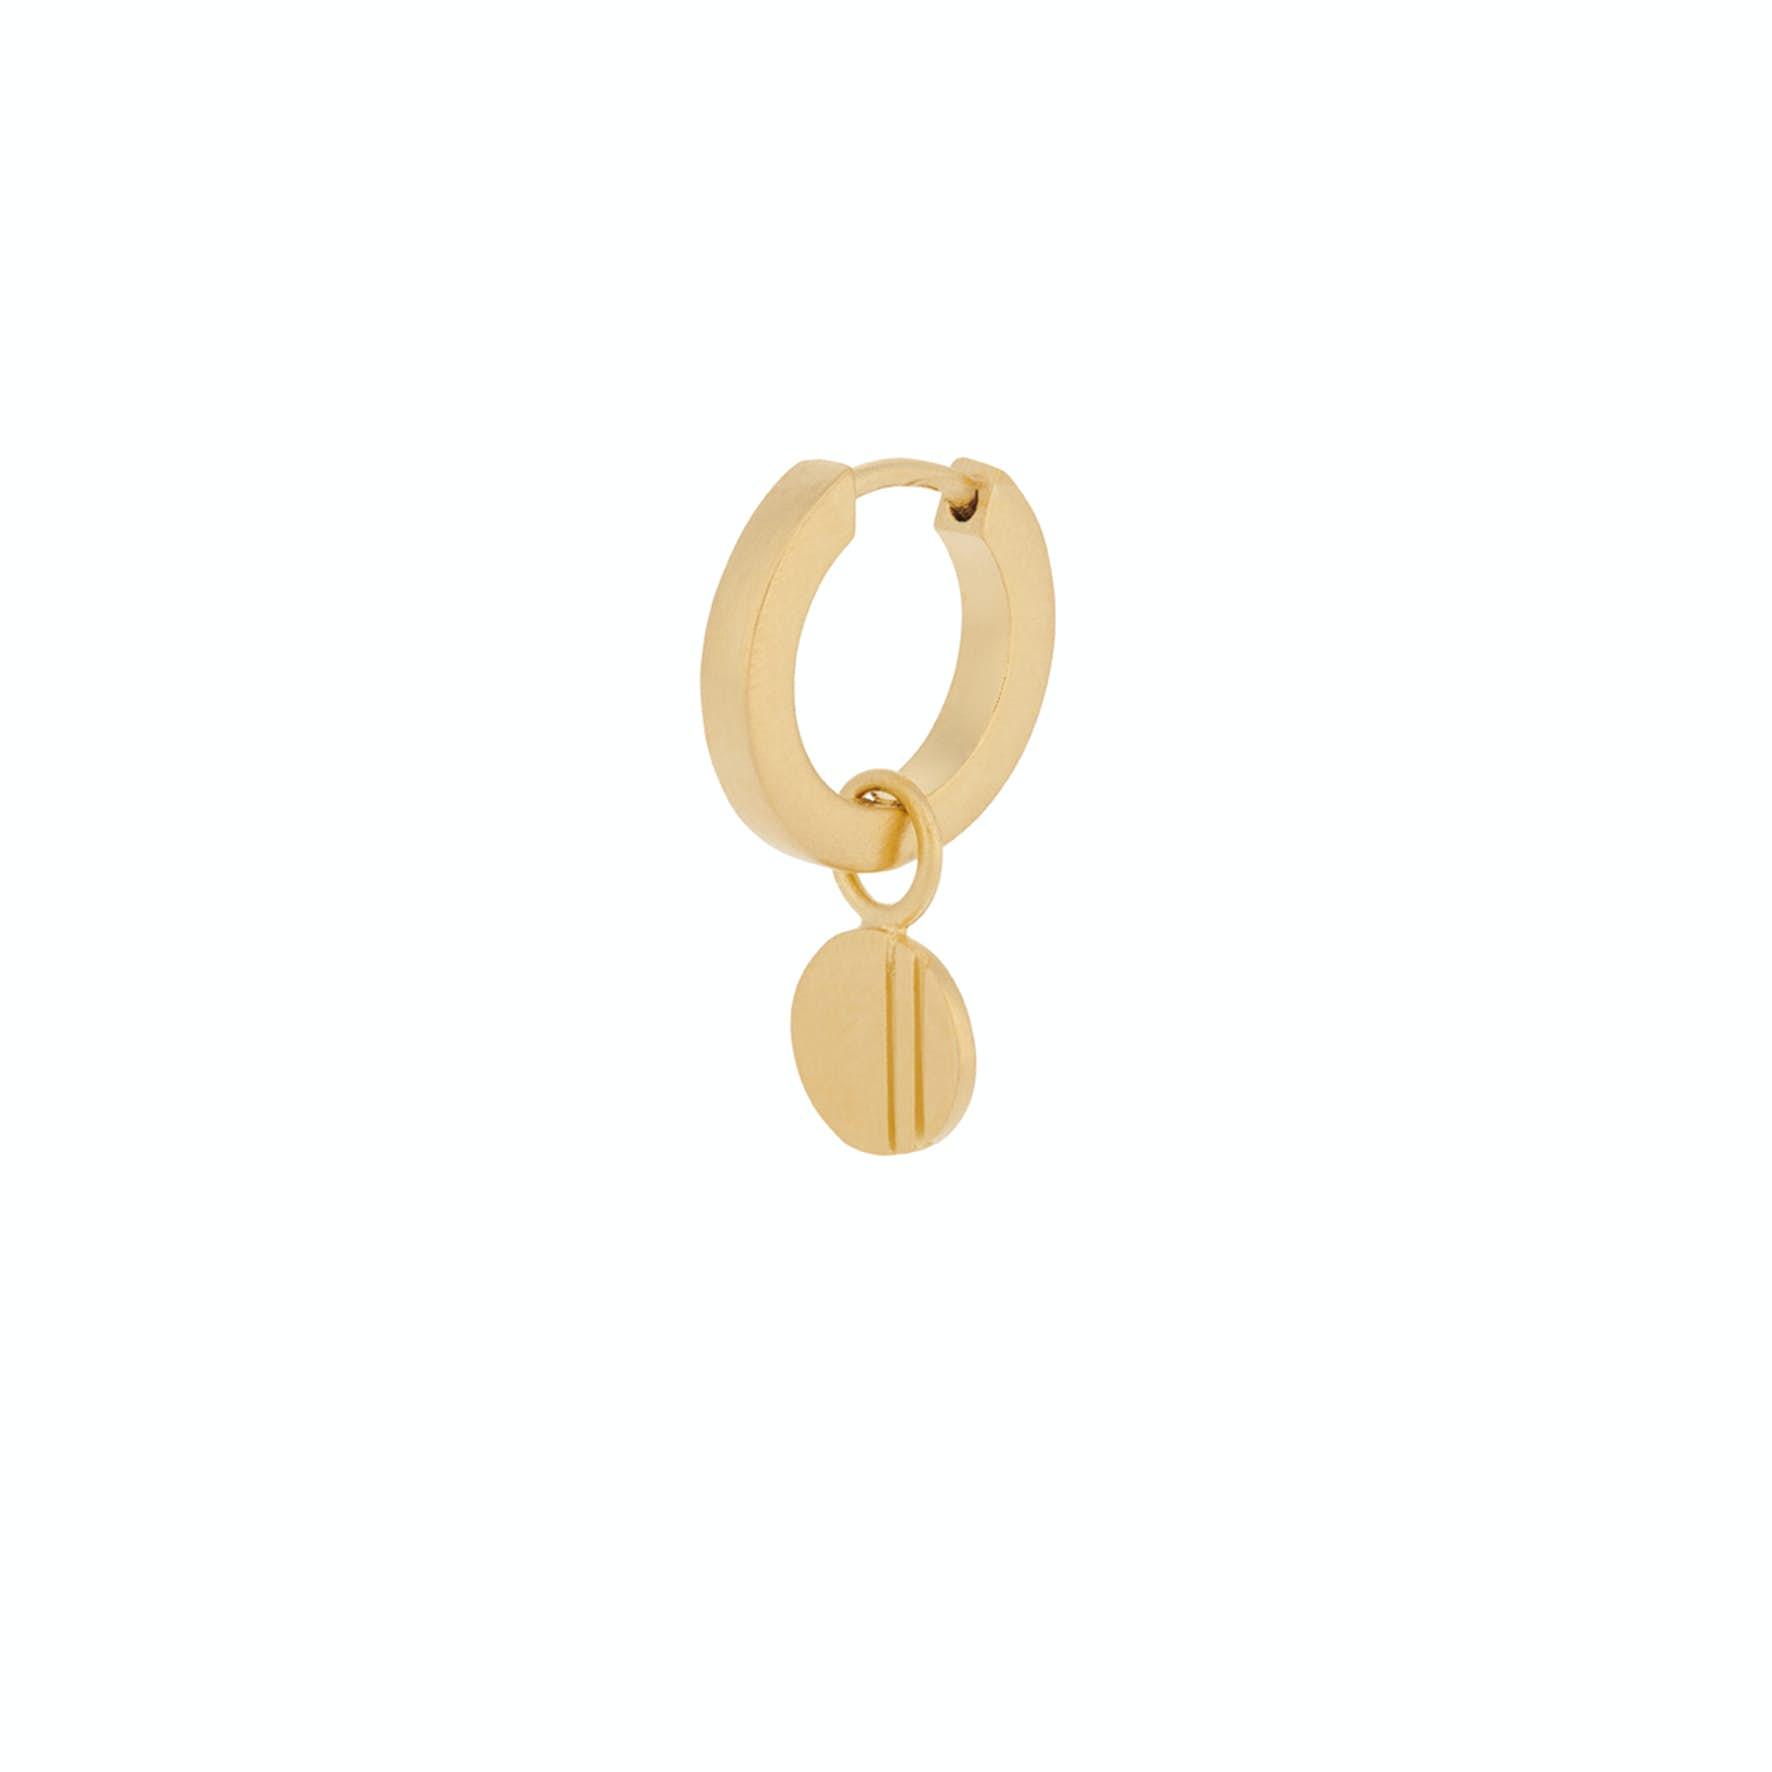 Coin Huggie Earring von Pernille Corydon in Vergoldet-Silber Sterling 925